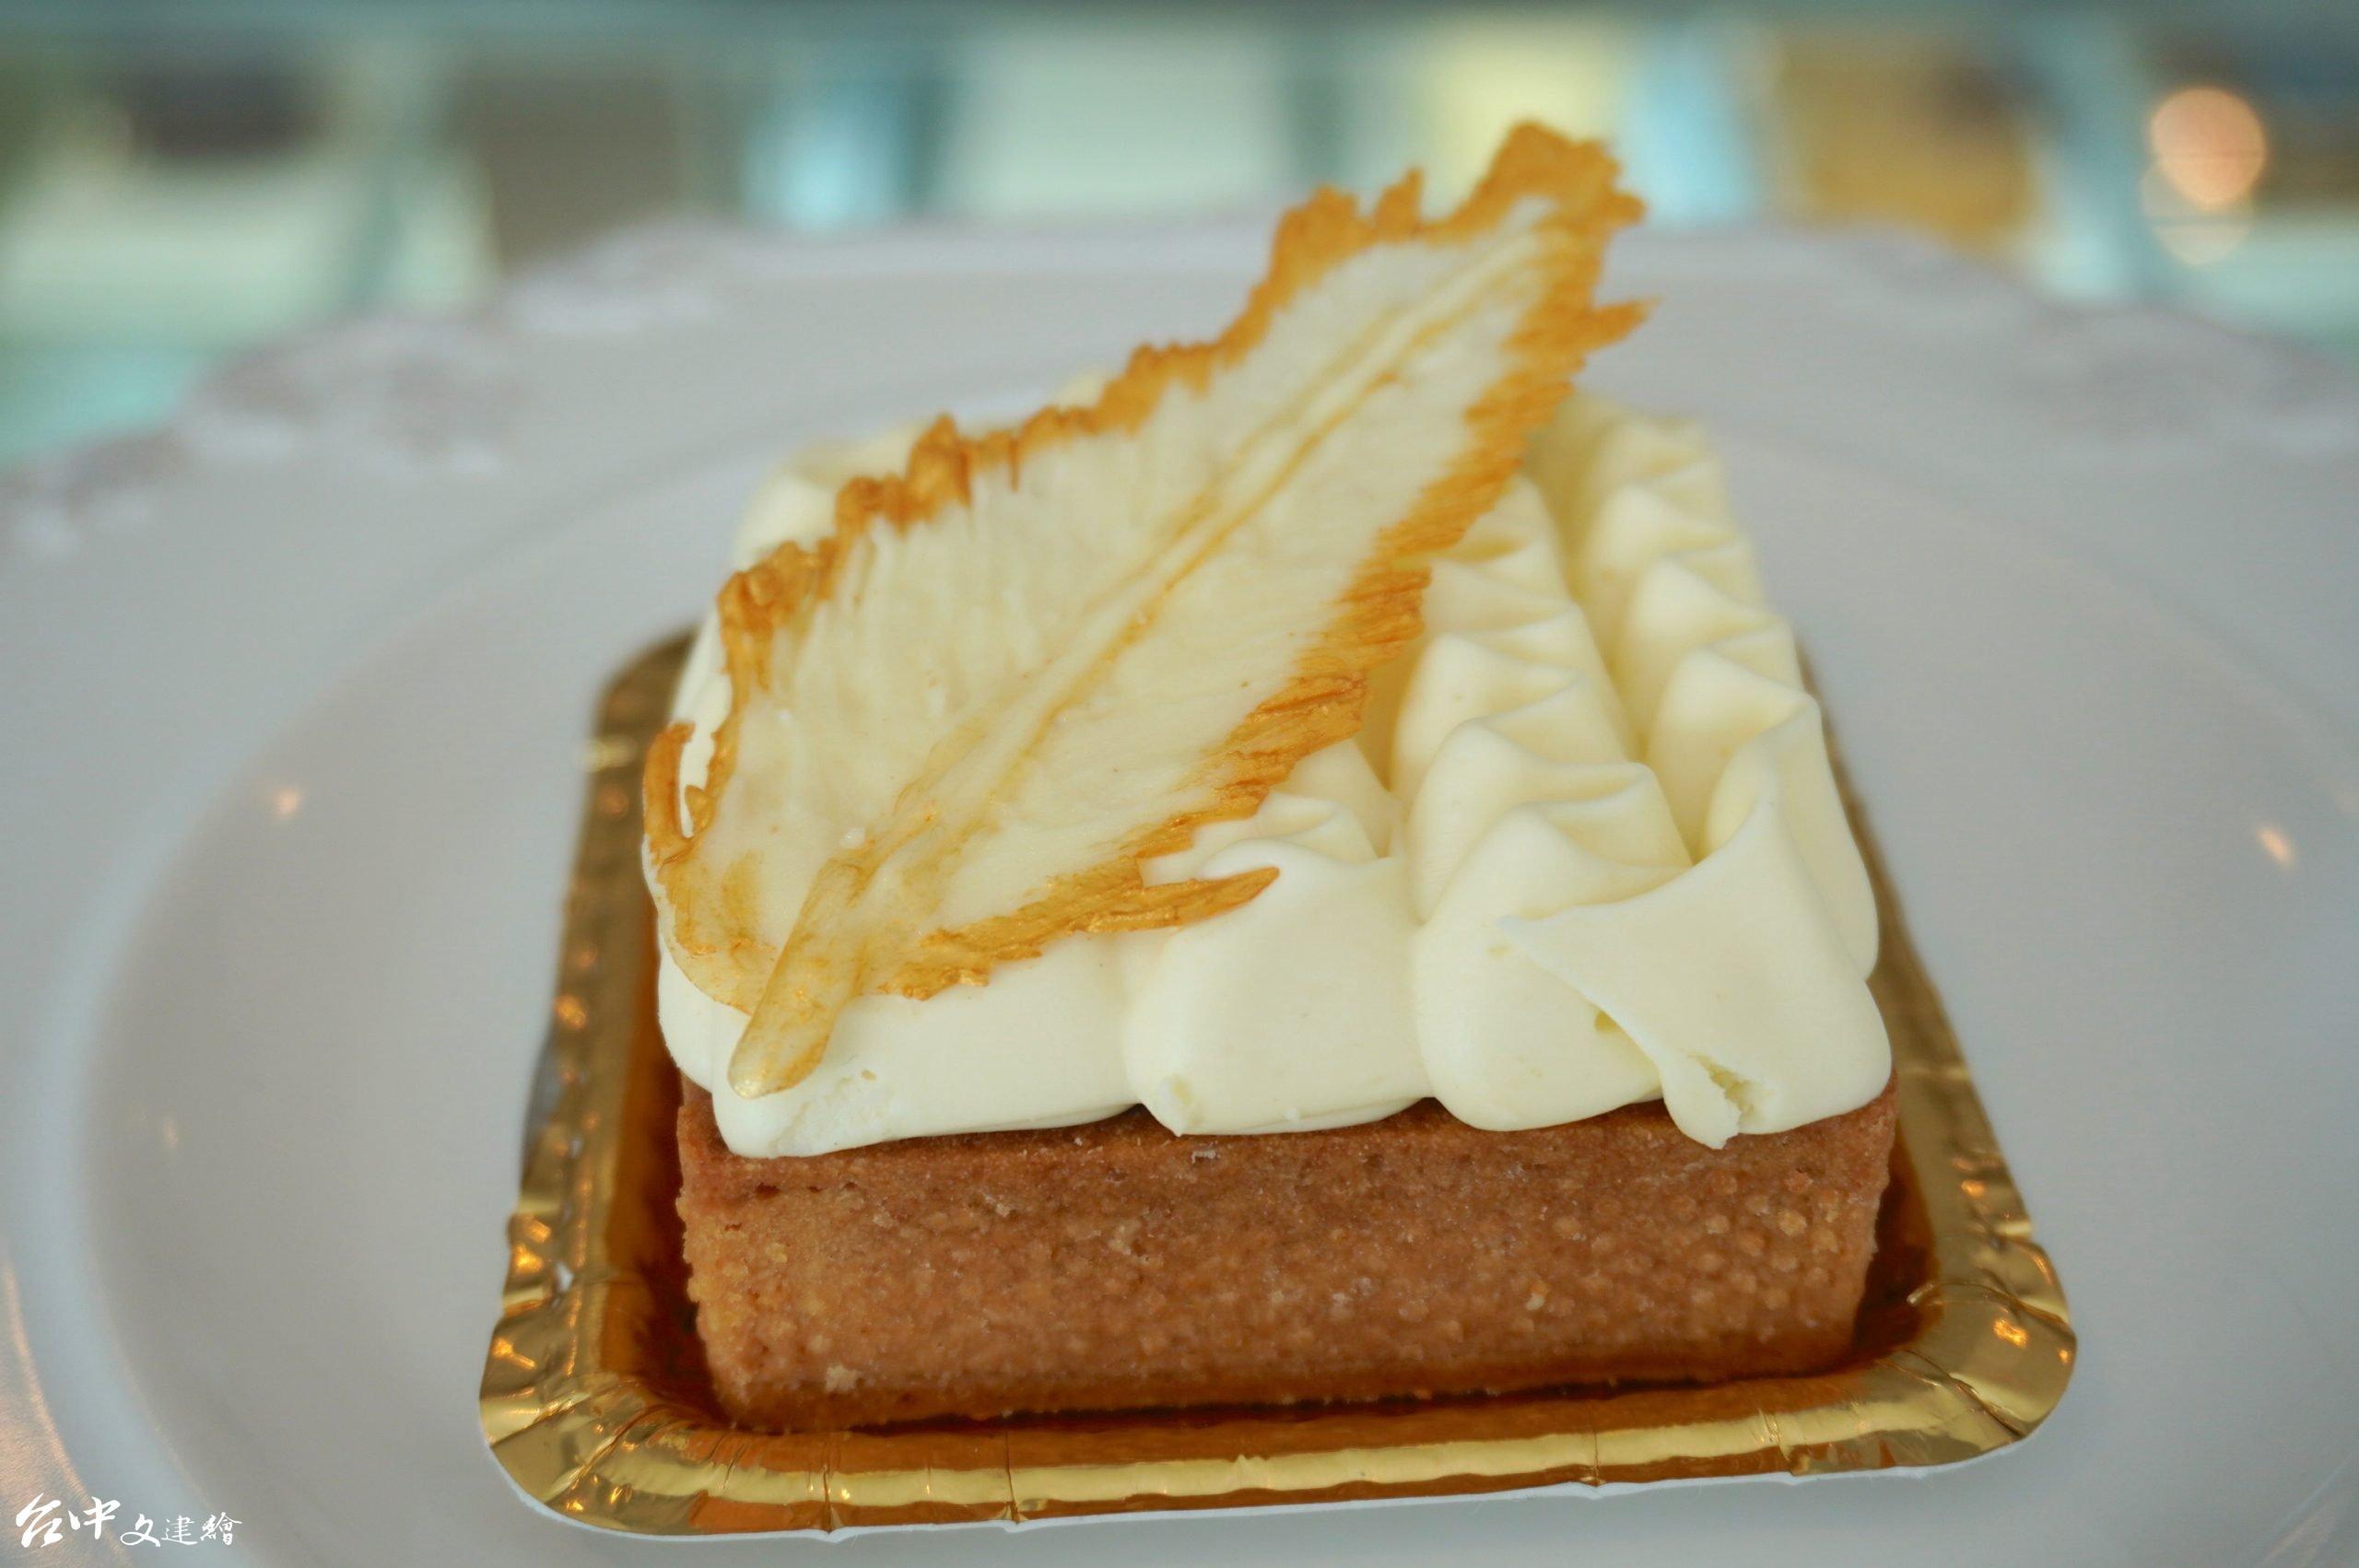 甜點「劇作家」味道細緻,造型雅致。(攝影:謝平平)